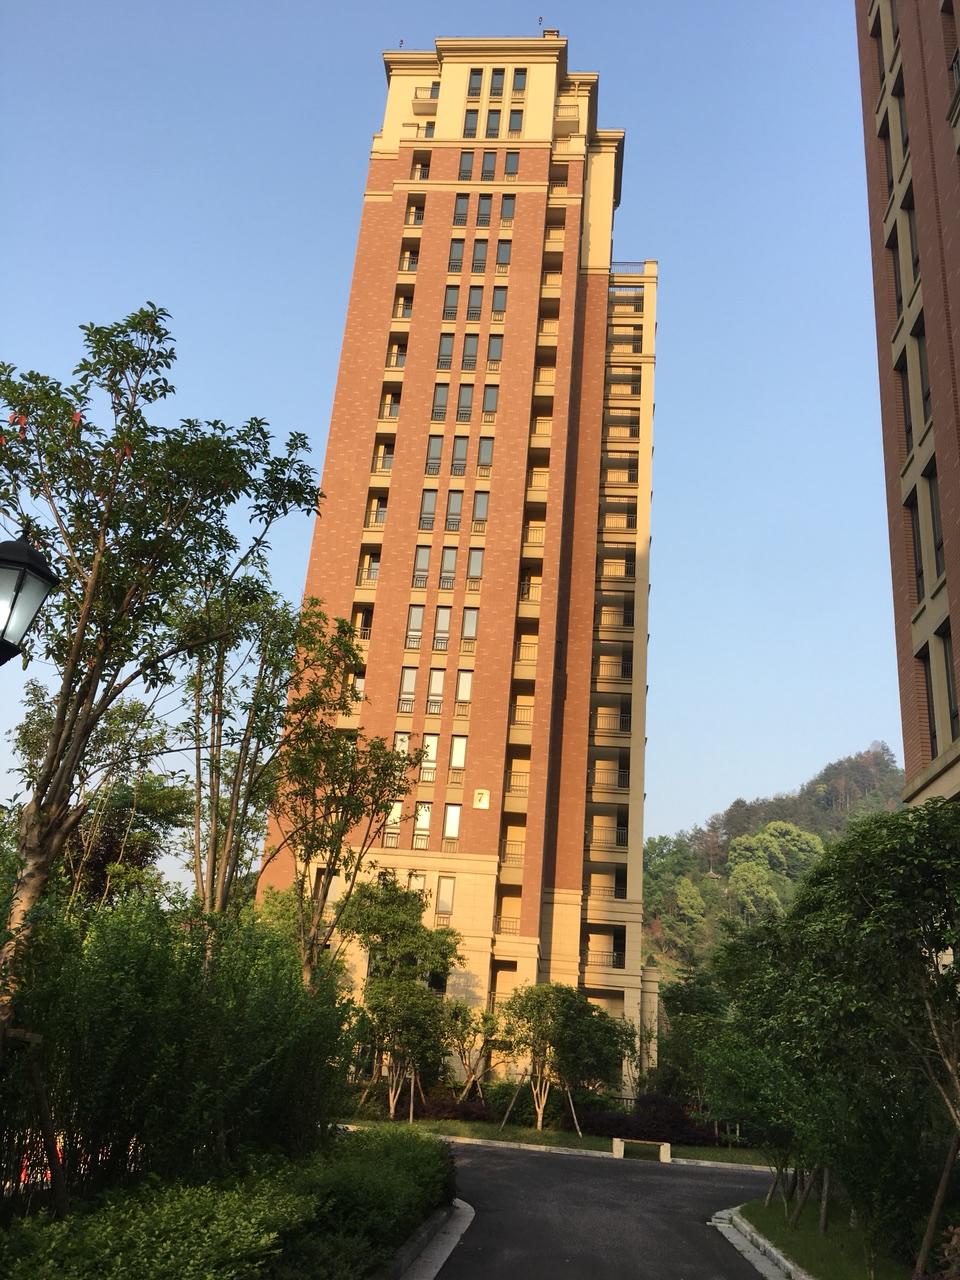 mg电子游戏网站市安定区友谊广场朝阳锦城二单元601室3室2厅2卫78万元